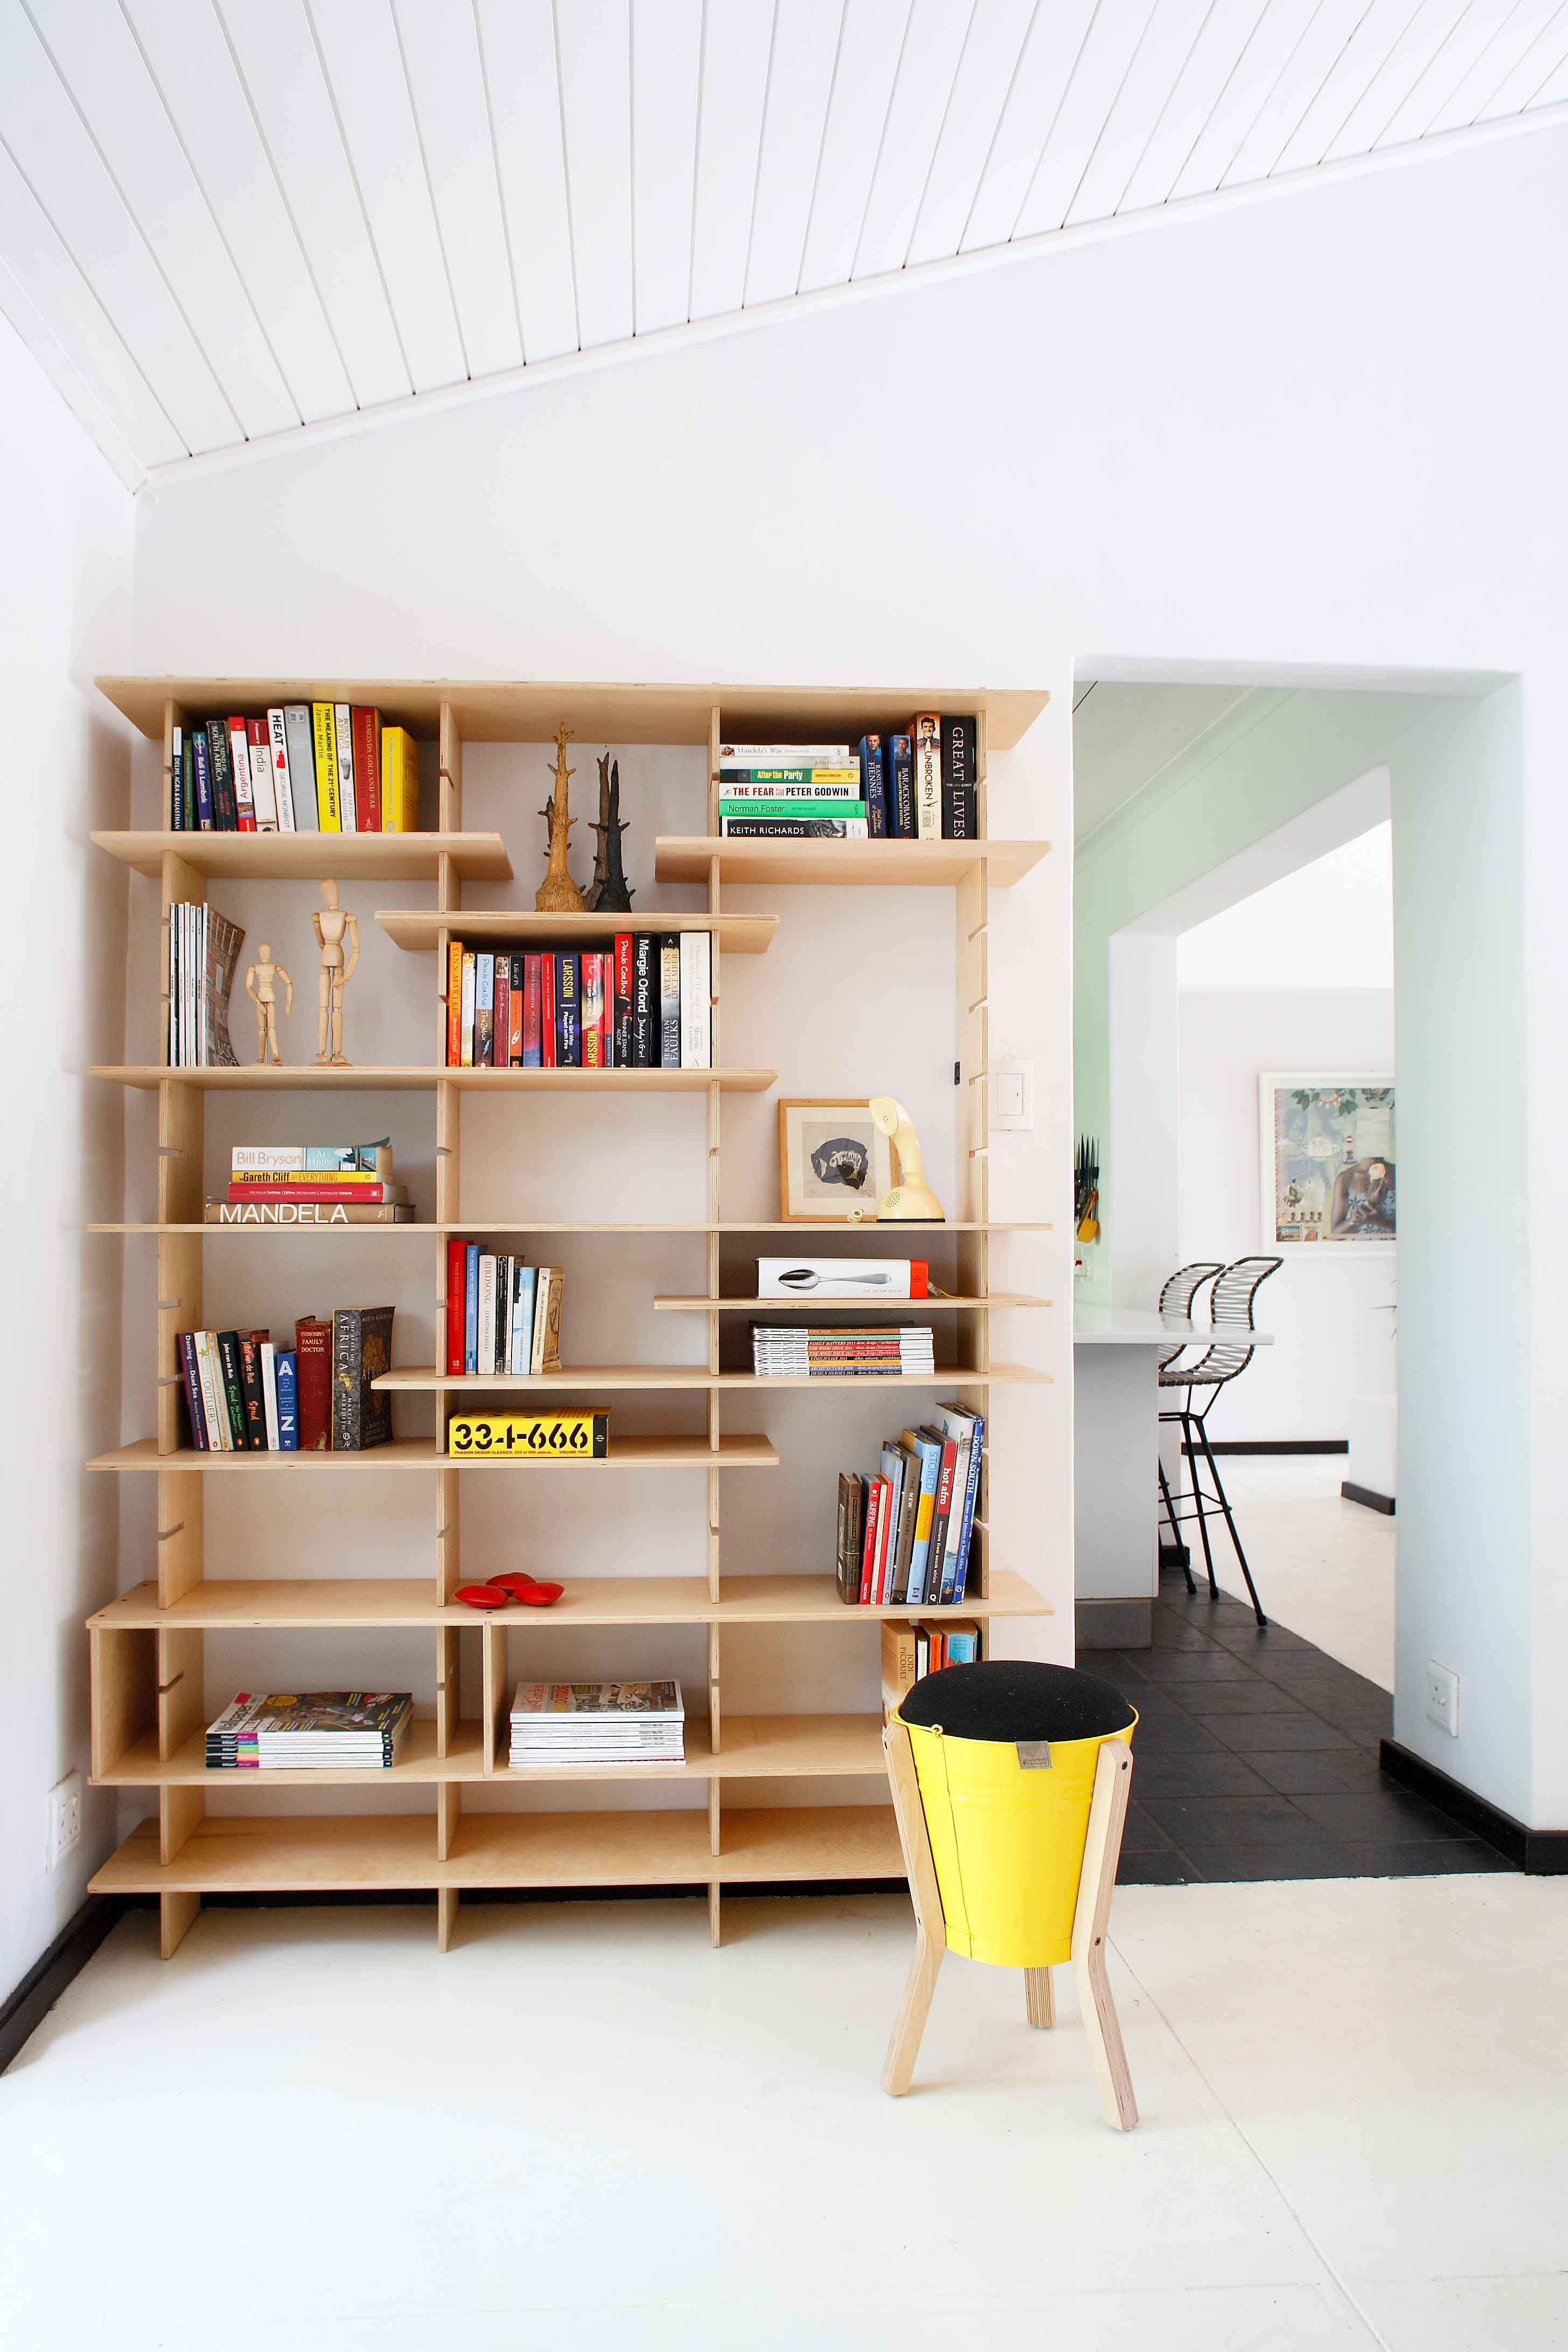 Private Residence Shelving Interiores Design De Moveis Moveis Modulados